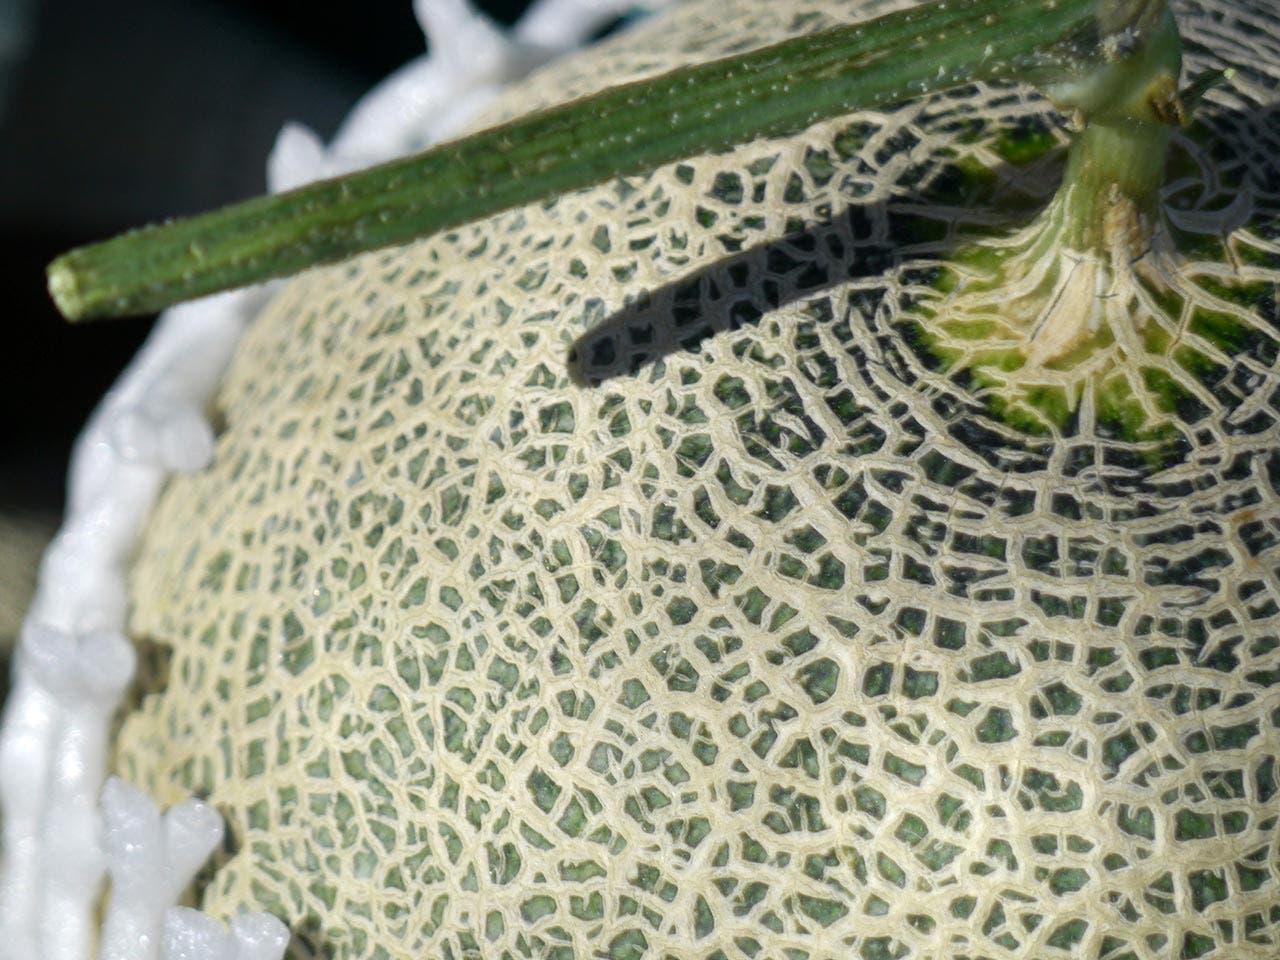 Melons | kunjaw/Shutterstock.com